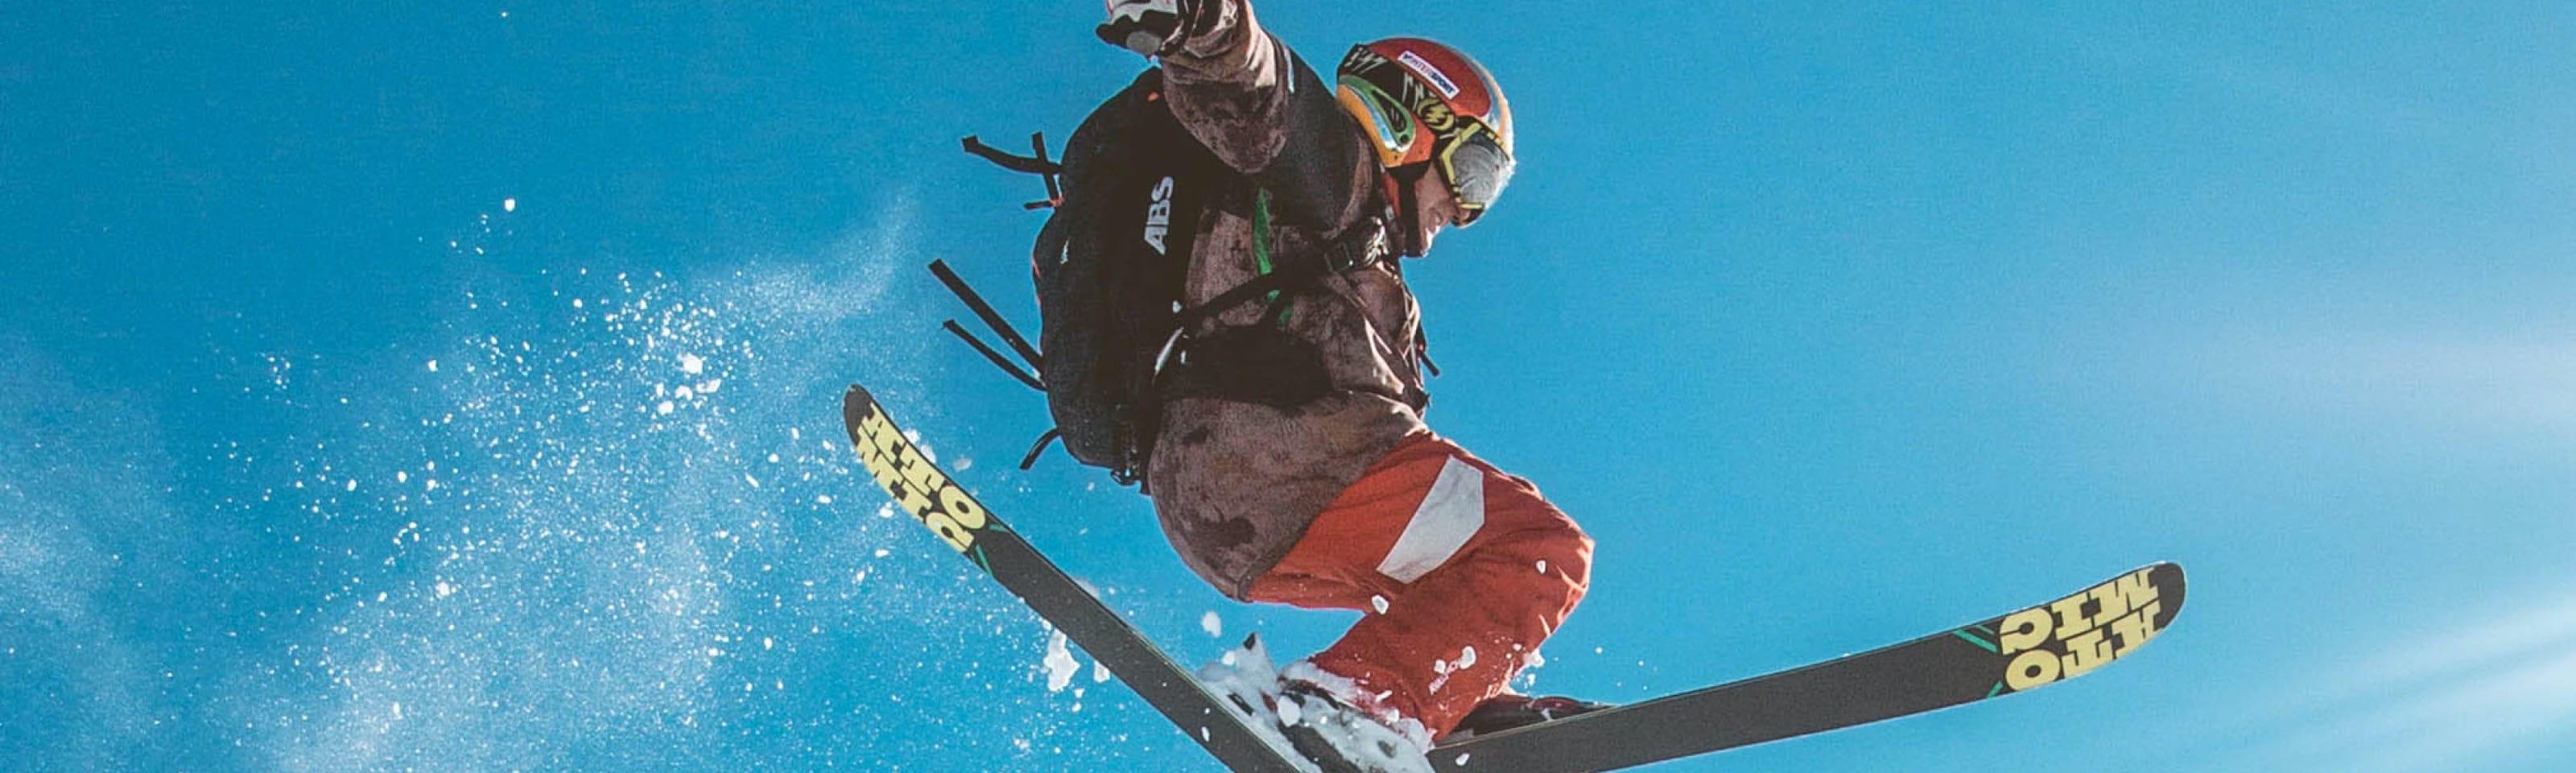 Perisher & Thredbo Ski Resorts